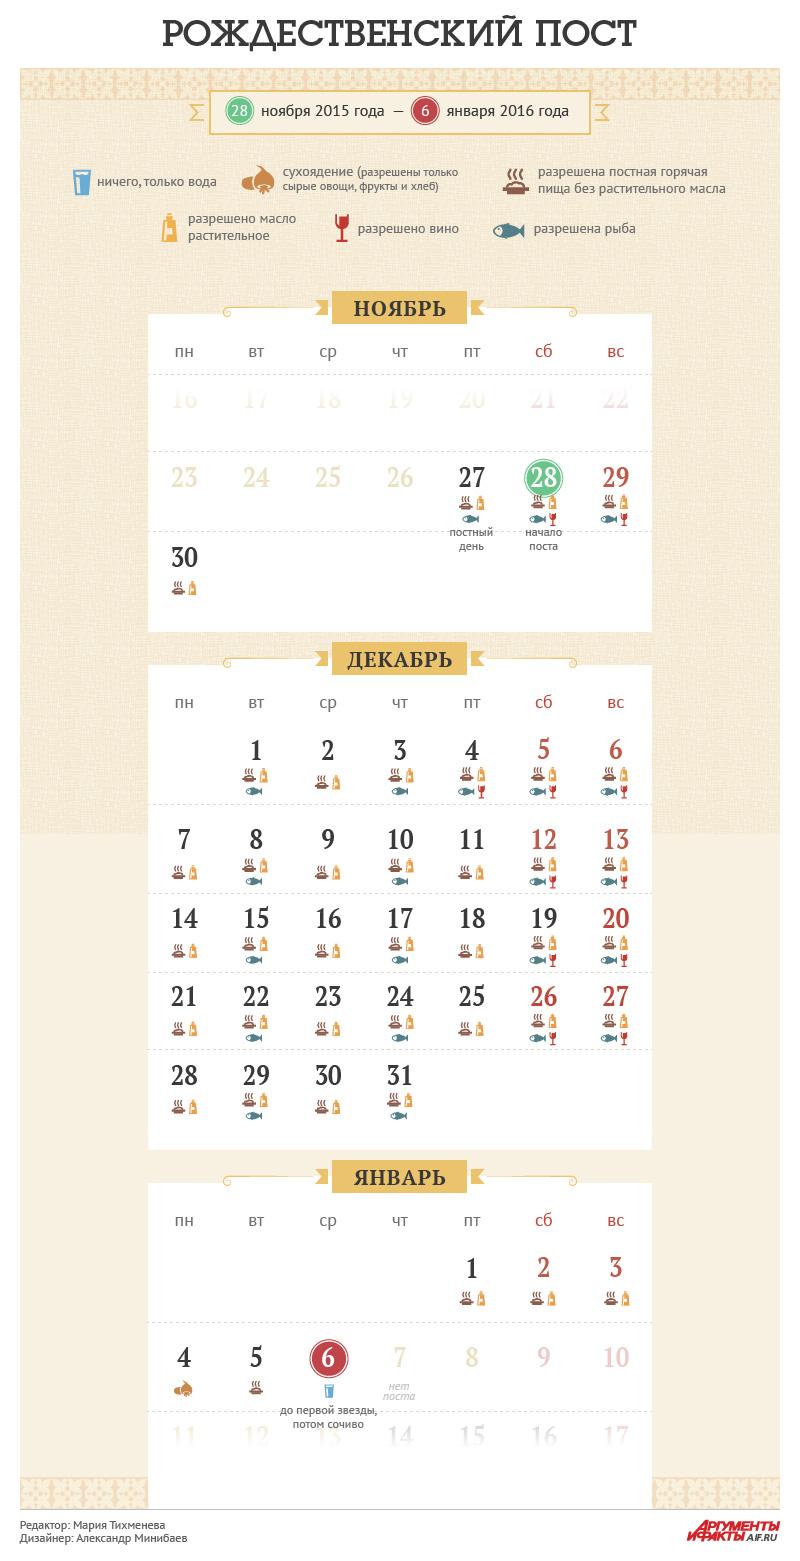 Рождественский пост 2015. Календарь питания